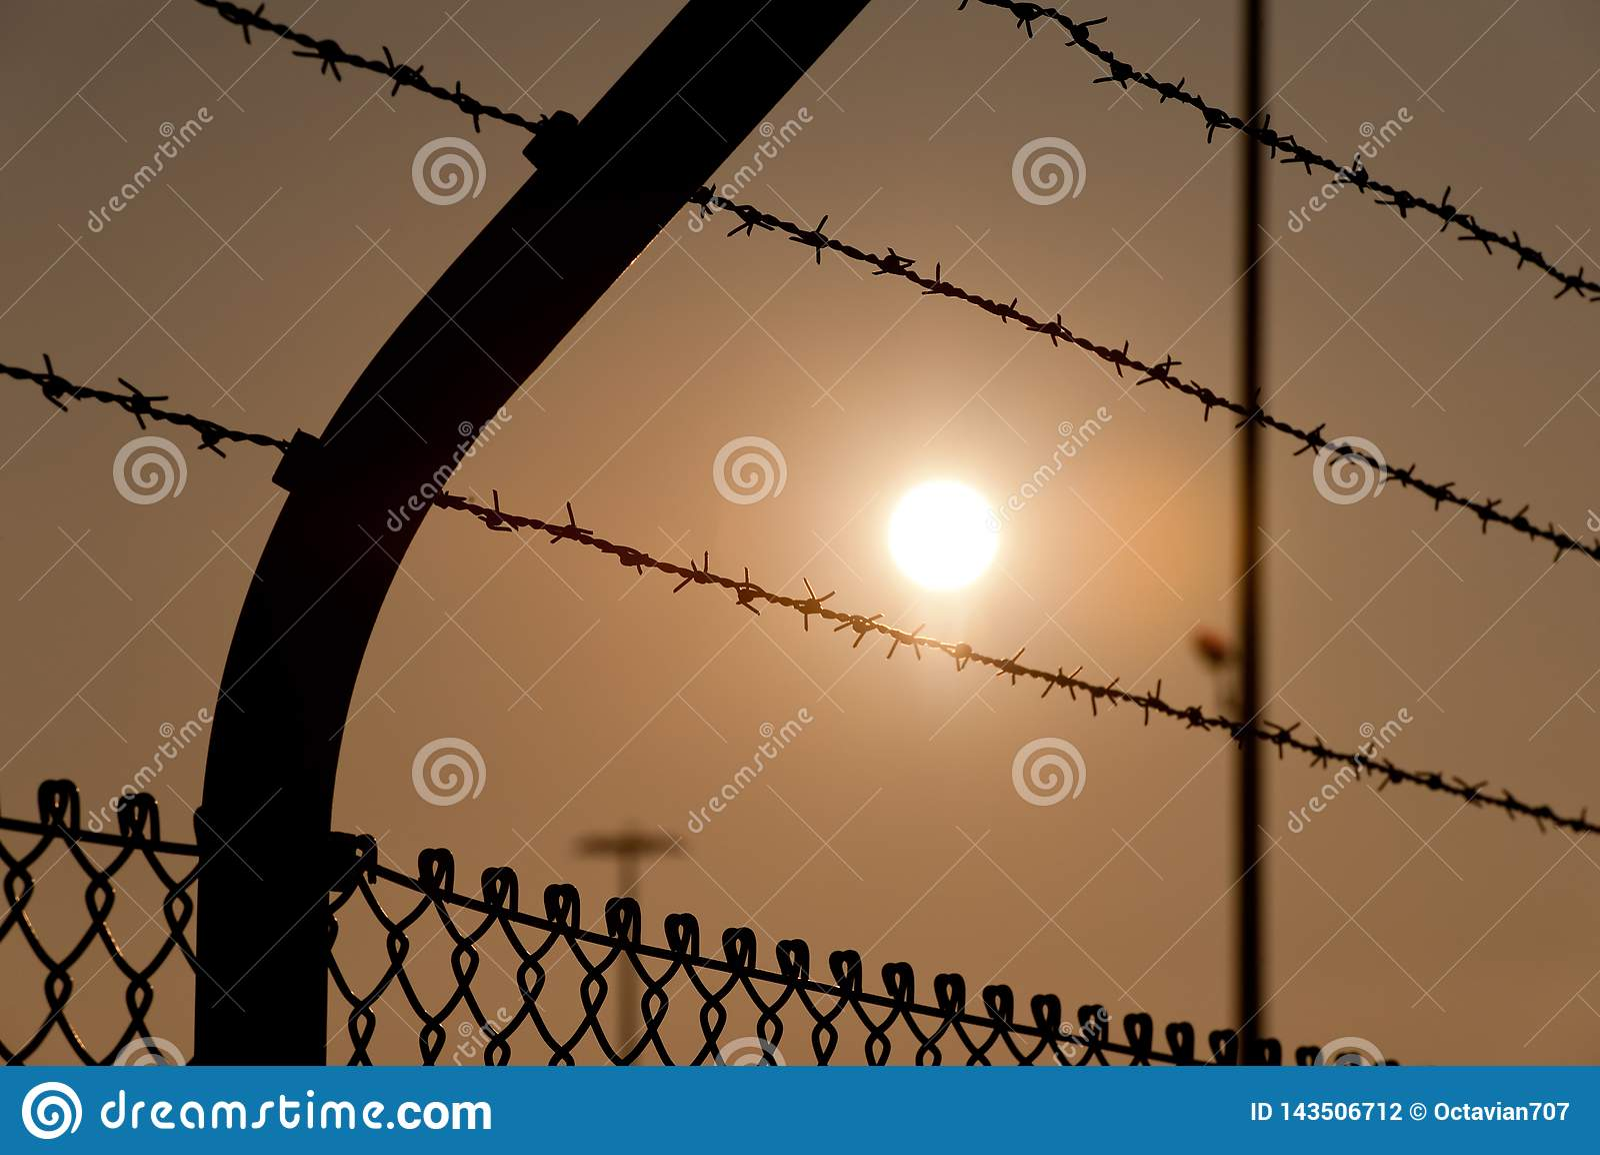 Högt staket med taggtråd i solnedgång